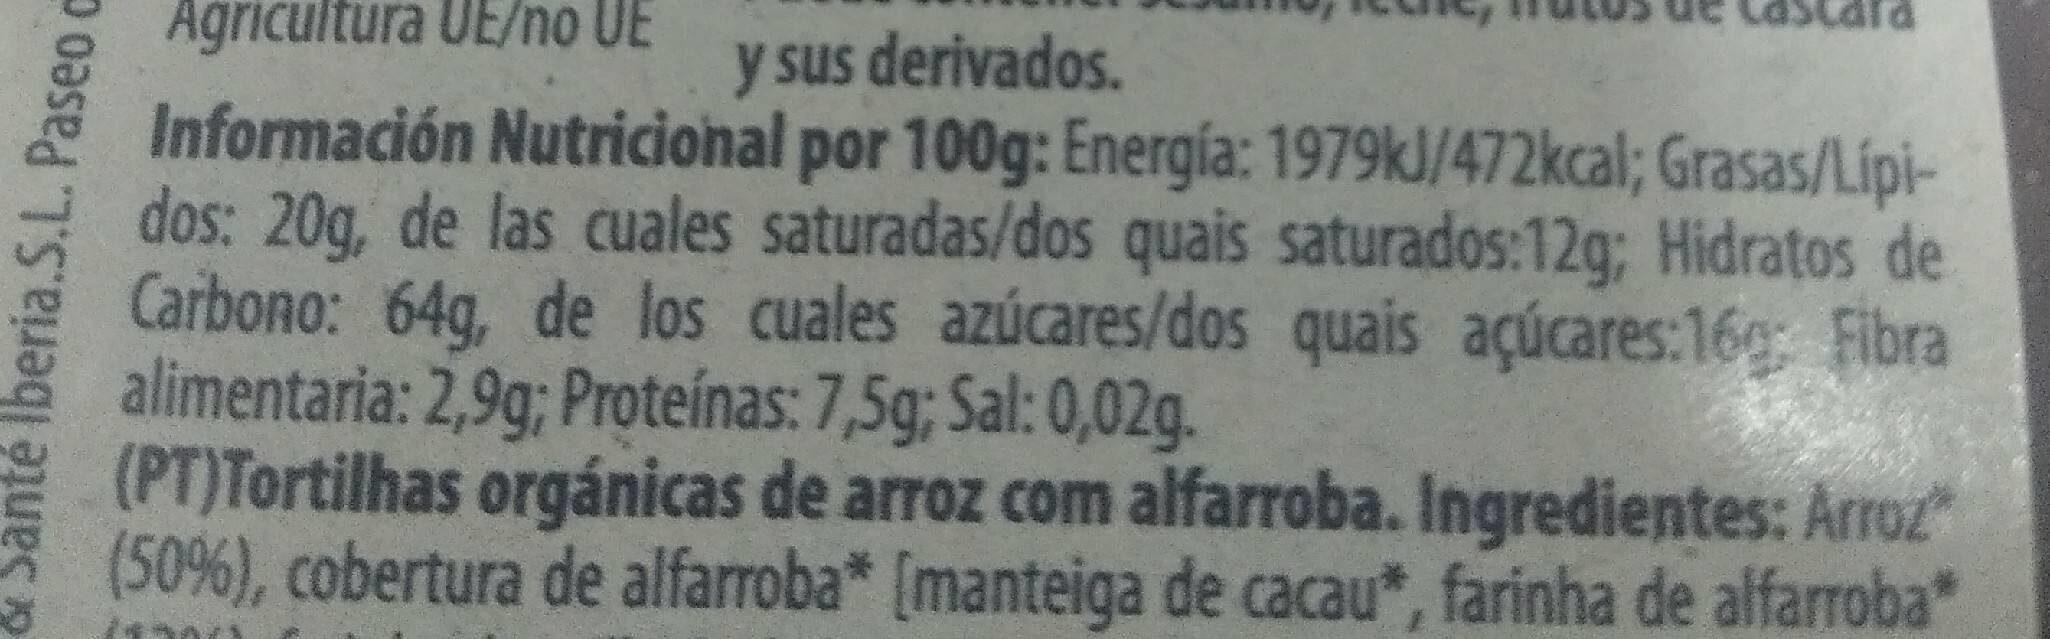 Tortitas de arroz con algarroba - Informations nutritionnelles - es